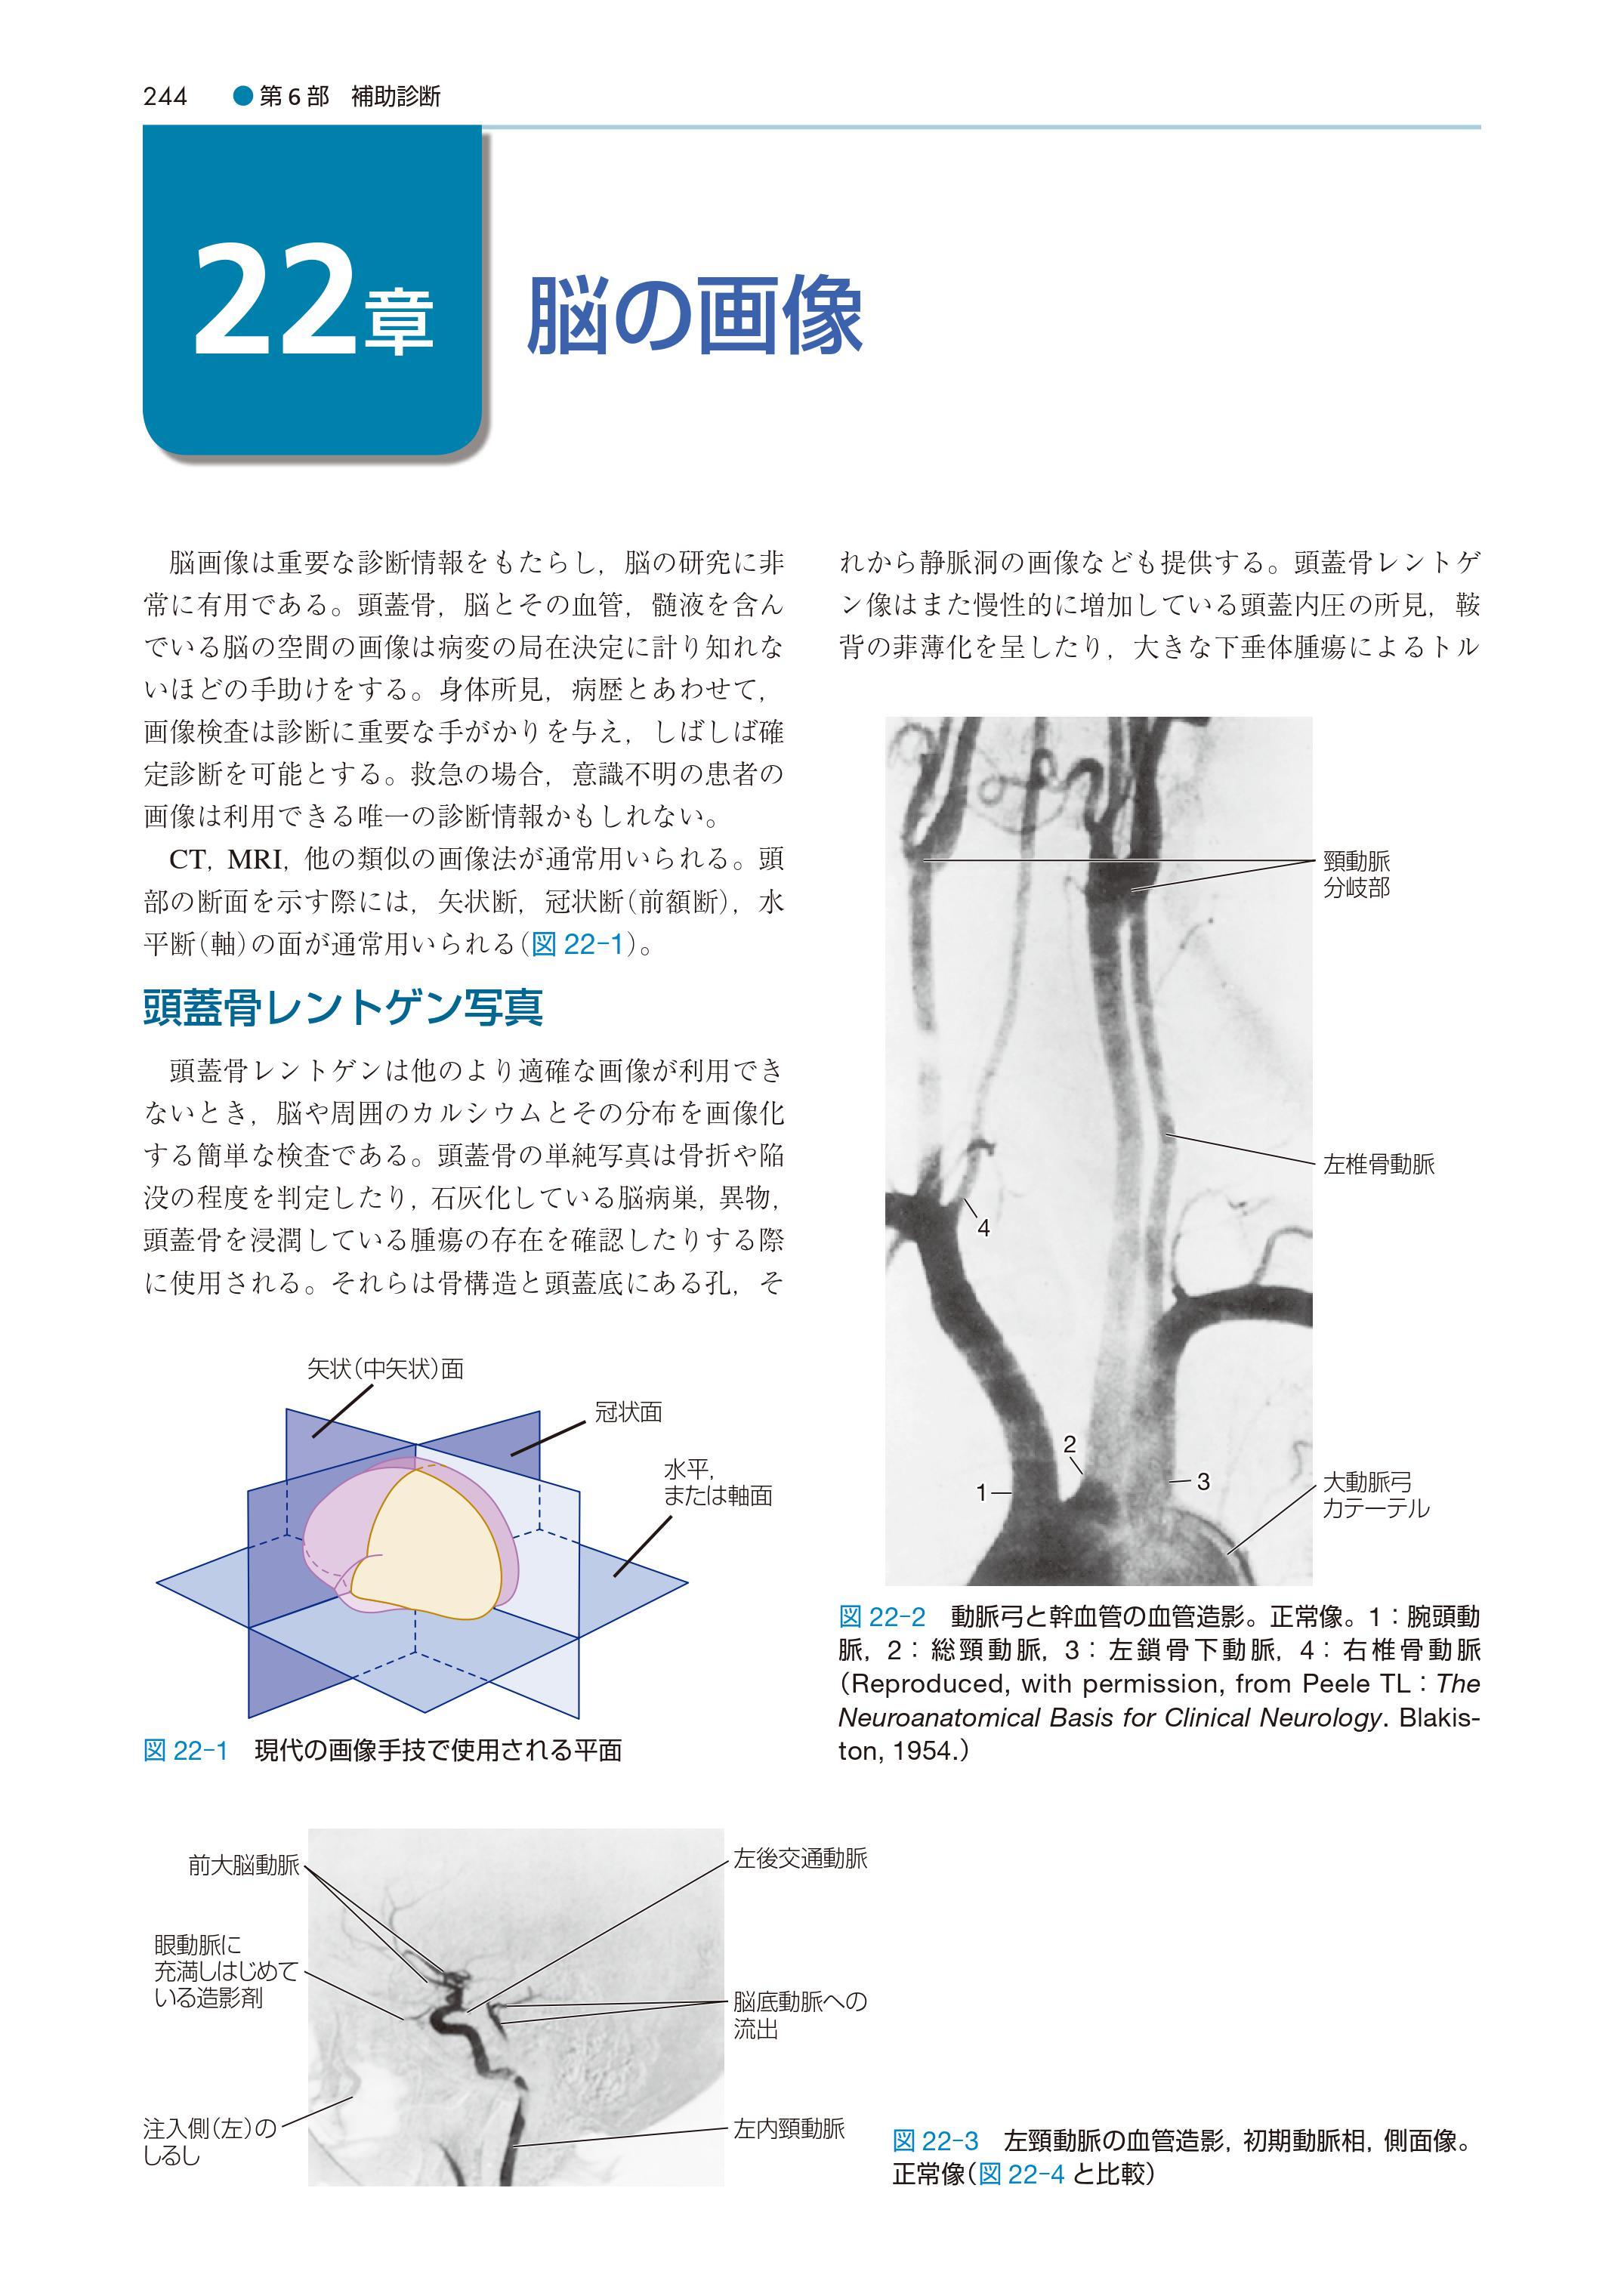 『ワックスマン脳神経解剖学』中身ページ244